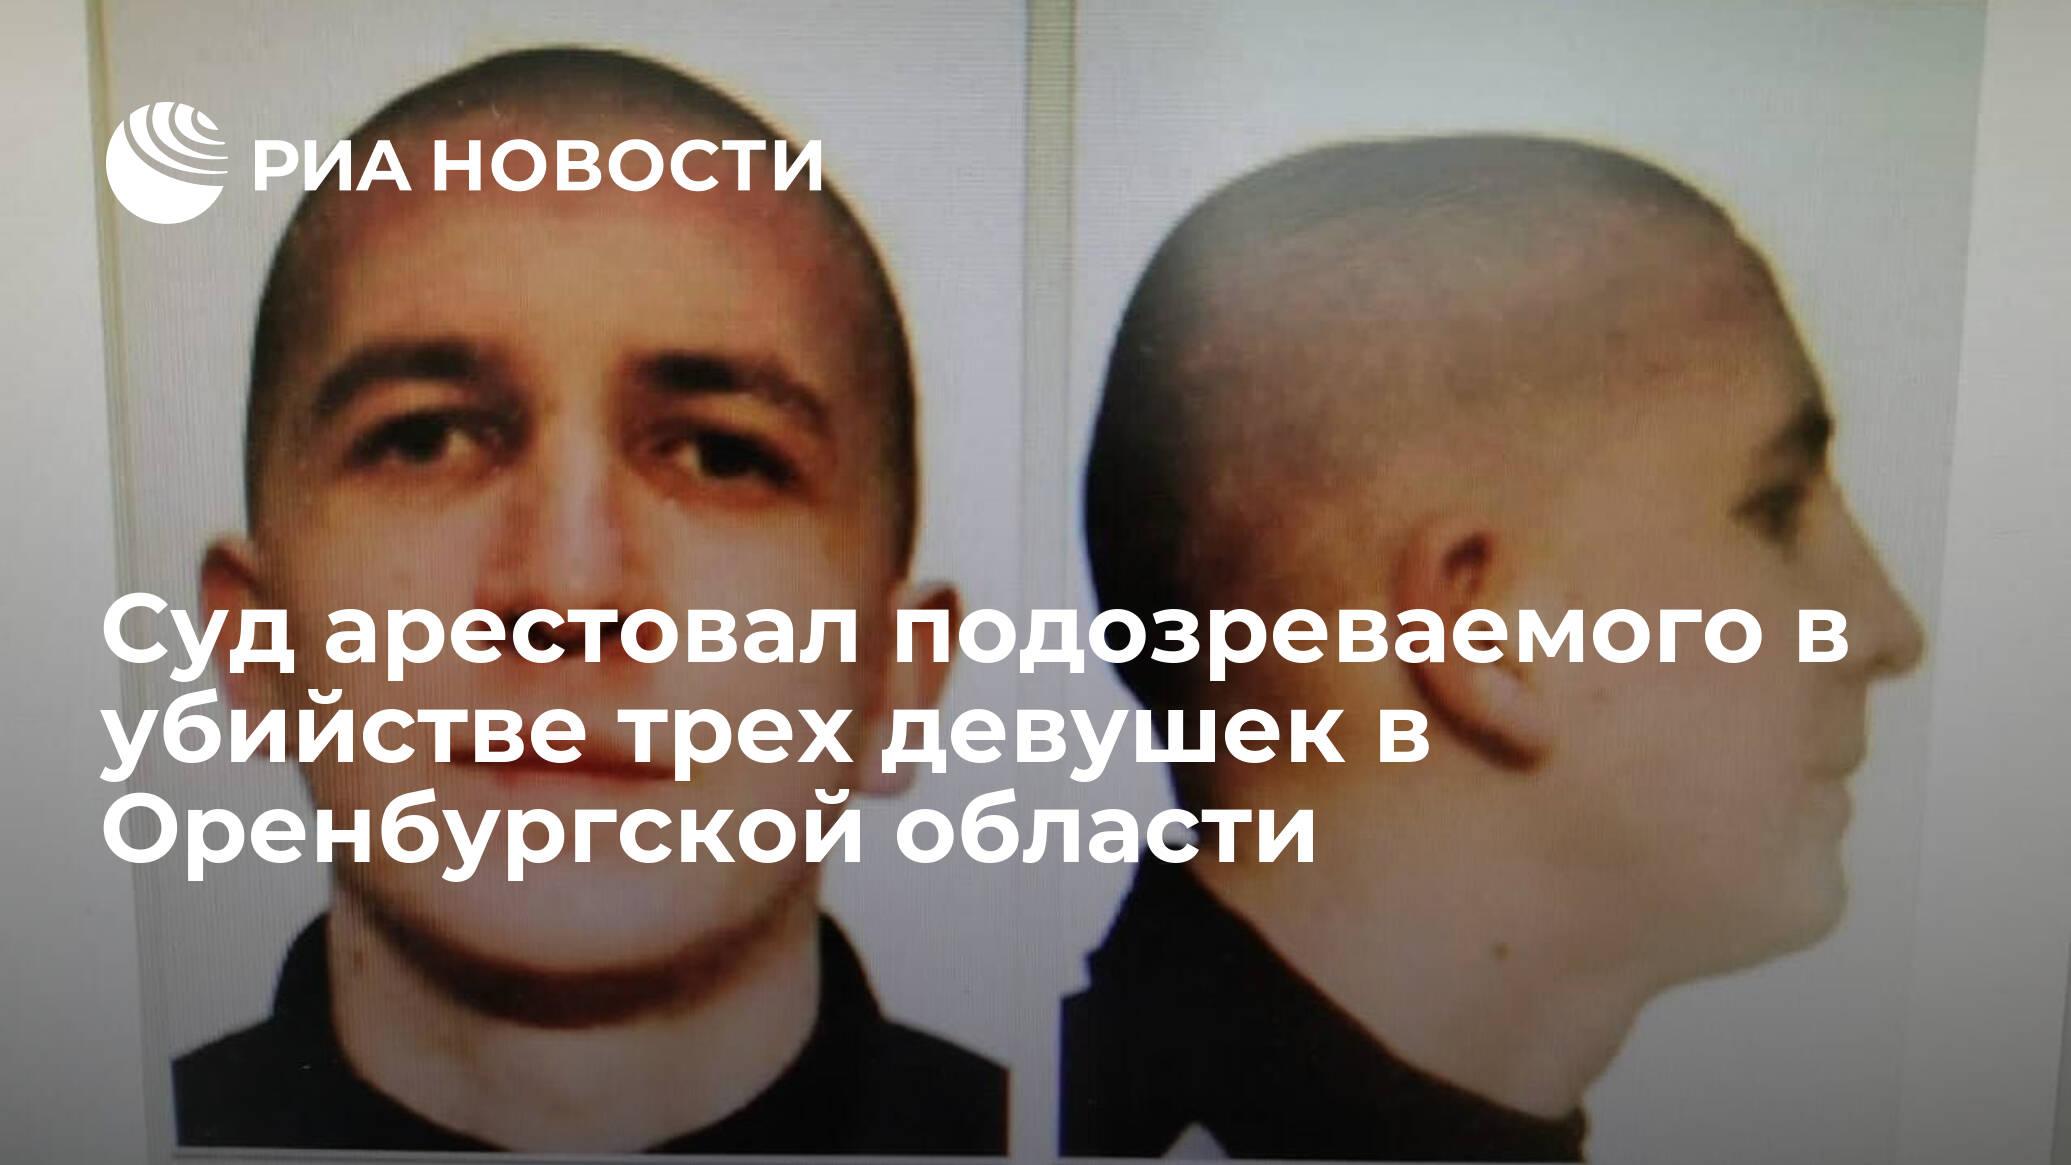 Суд арестовал подозреваемого в убийстве трех девушек в Оренбургской области